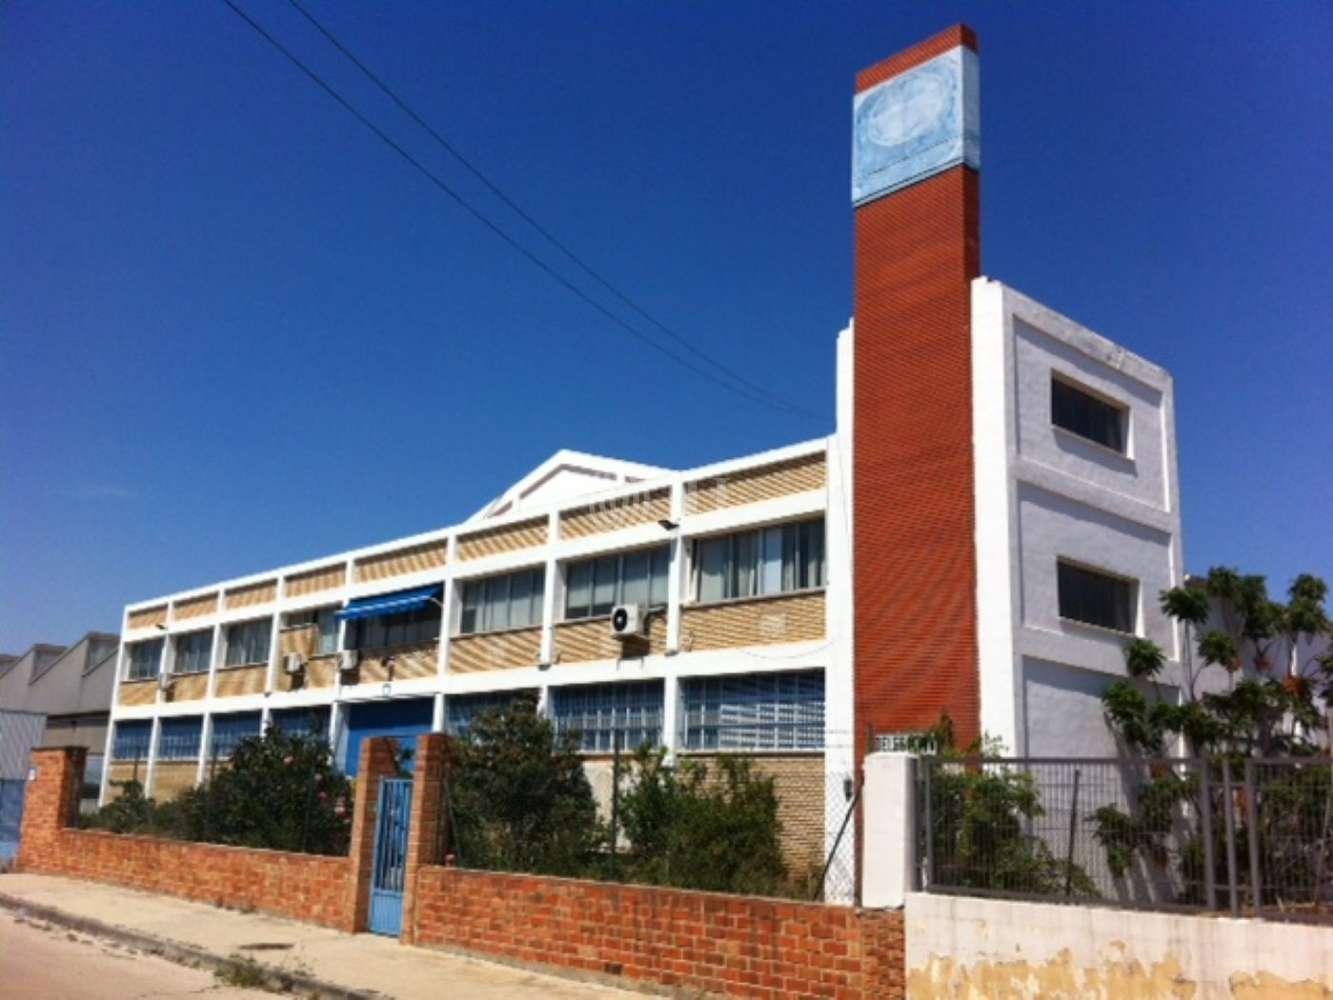 Naves industriales y logísticas Palma, 07009 - Nave Industrial - B0502 NAVE INDUSTRIAL EN VENTA SON CASTELLO PALMA DE MALLORCA - 22149